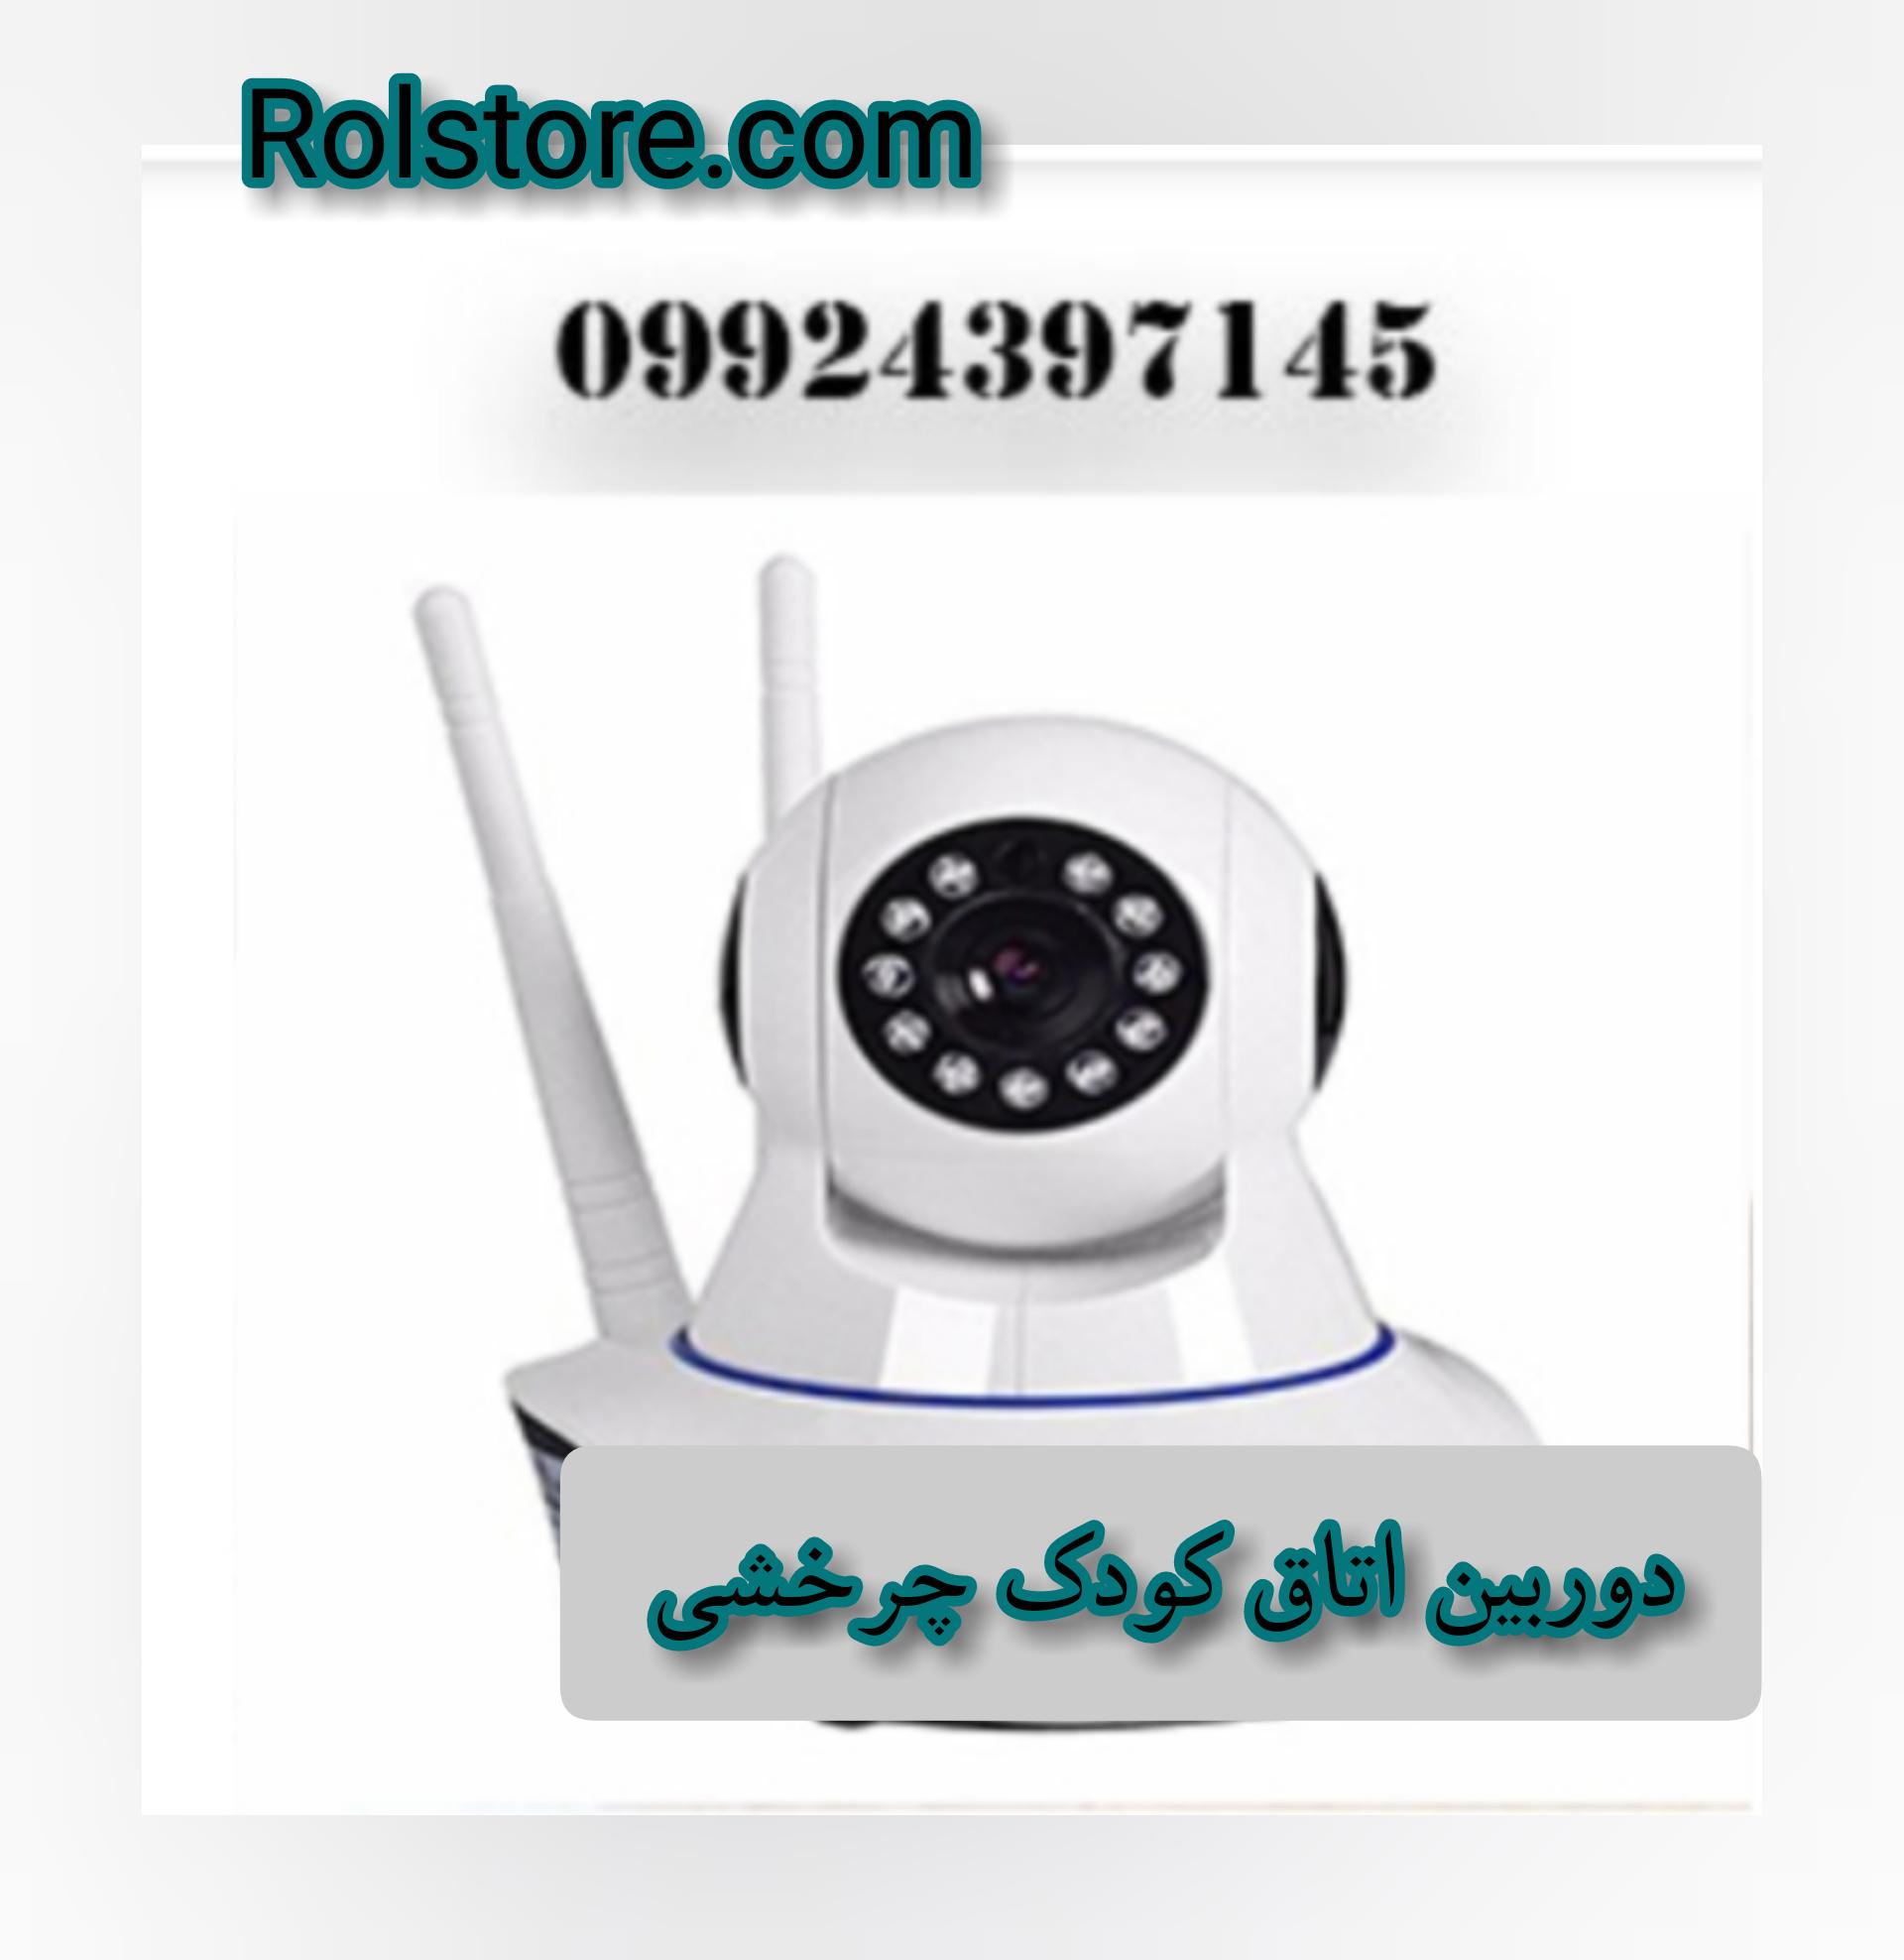 دوربین مداربسته چرخشی/۰۹۹۲۴۳۹۷۱۴۵/دوربین اتاق کودک چرخشی